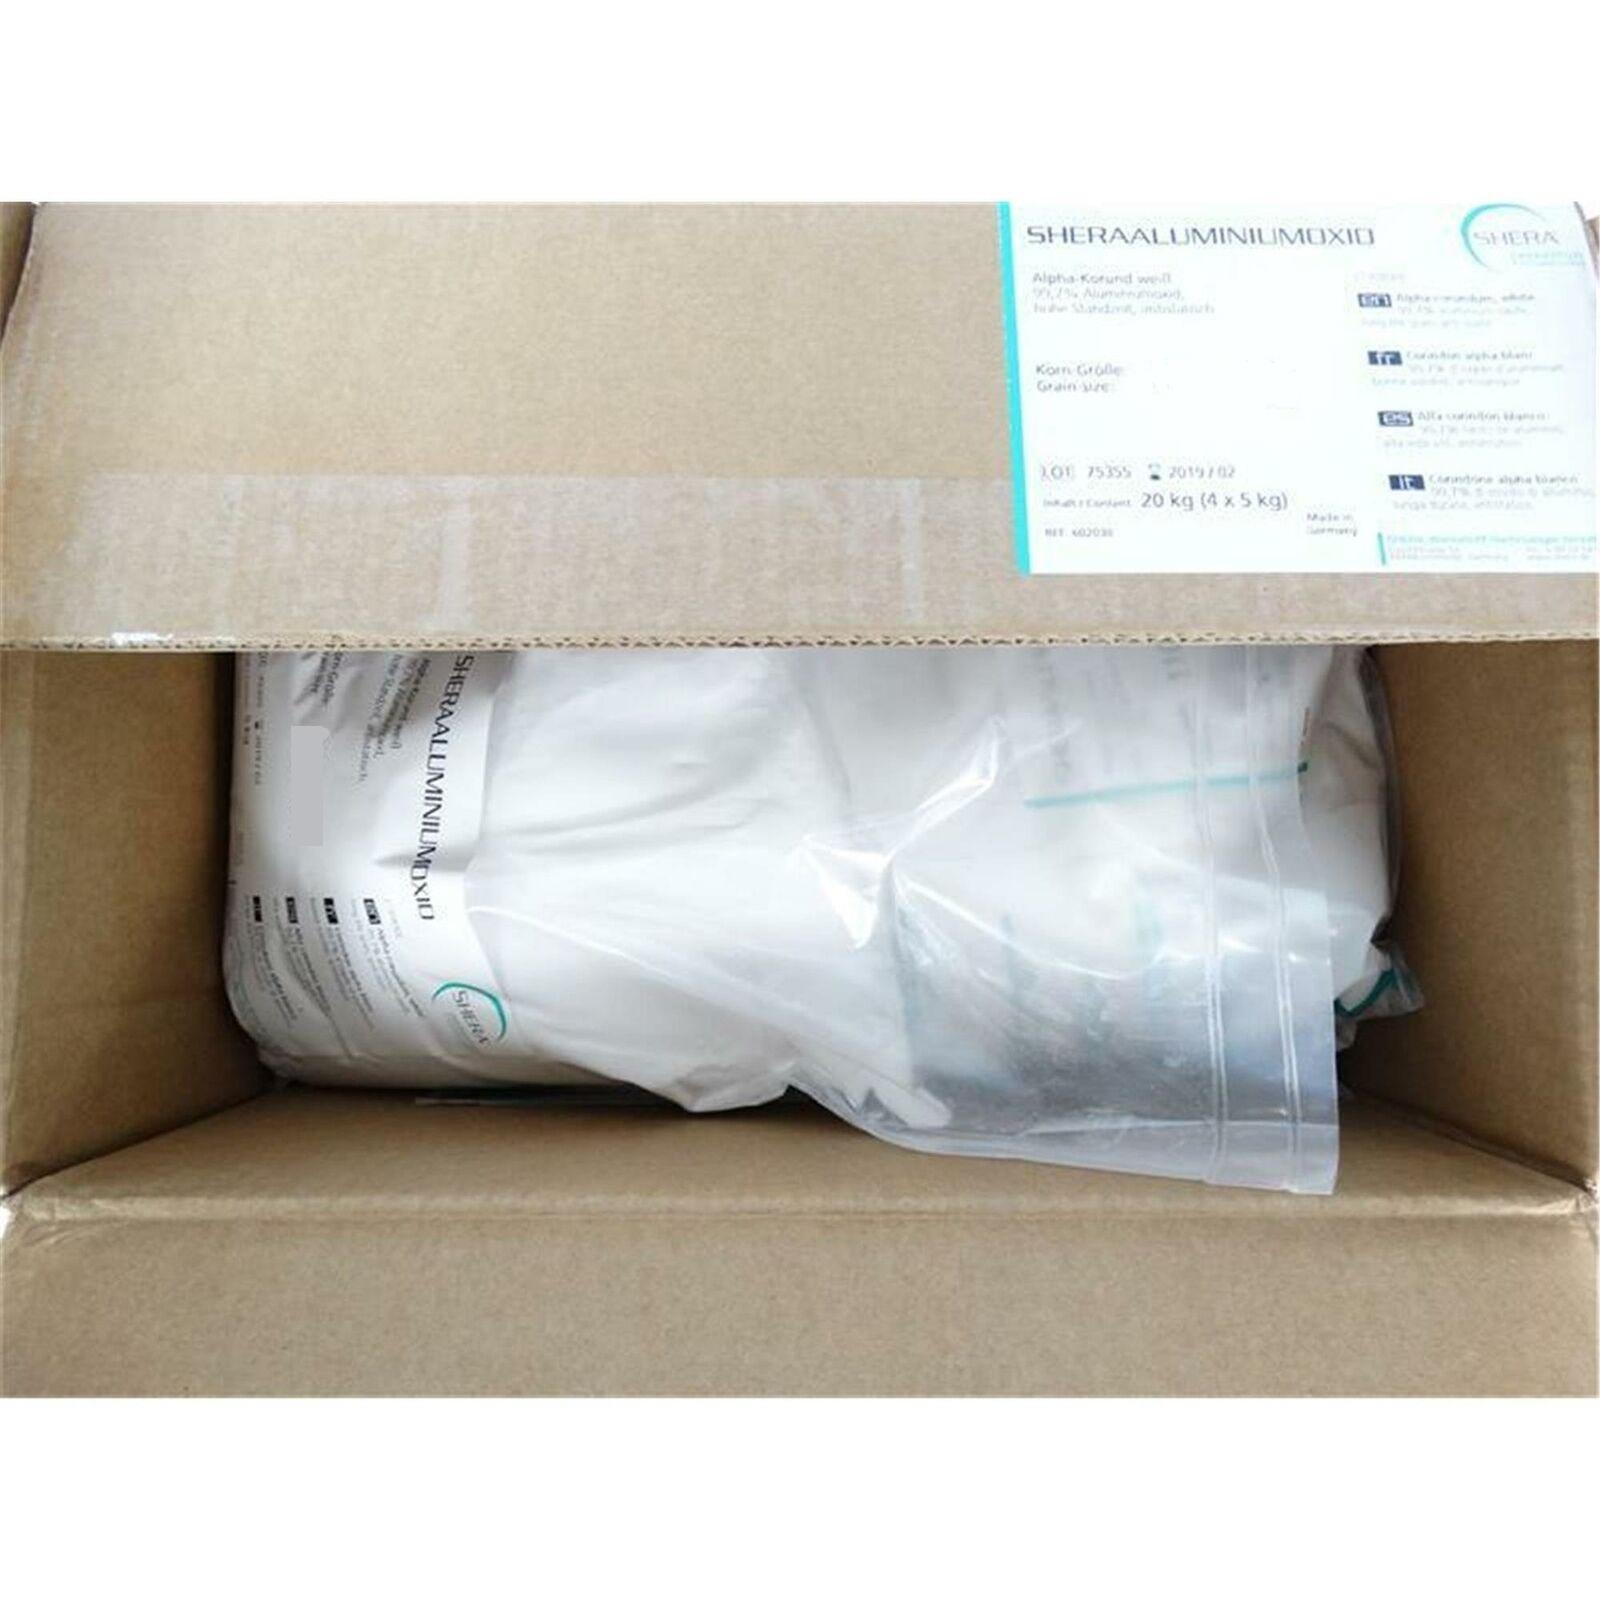 Shera Aluminiumoxid, White 50 my, 5 kg